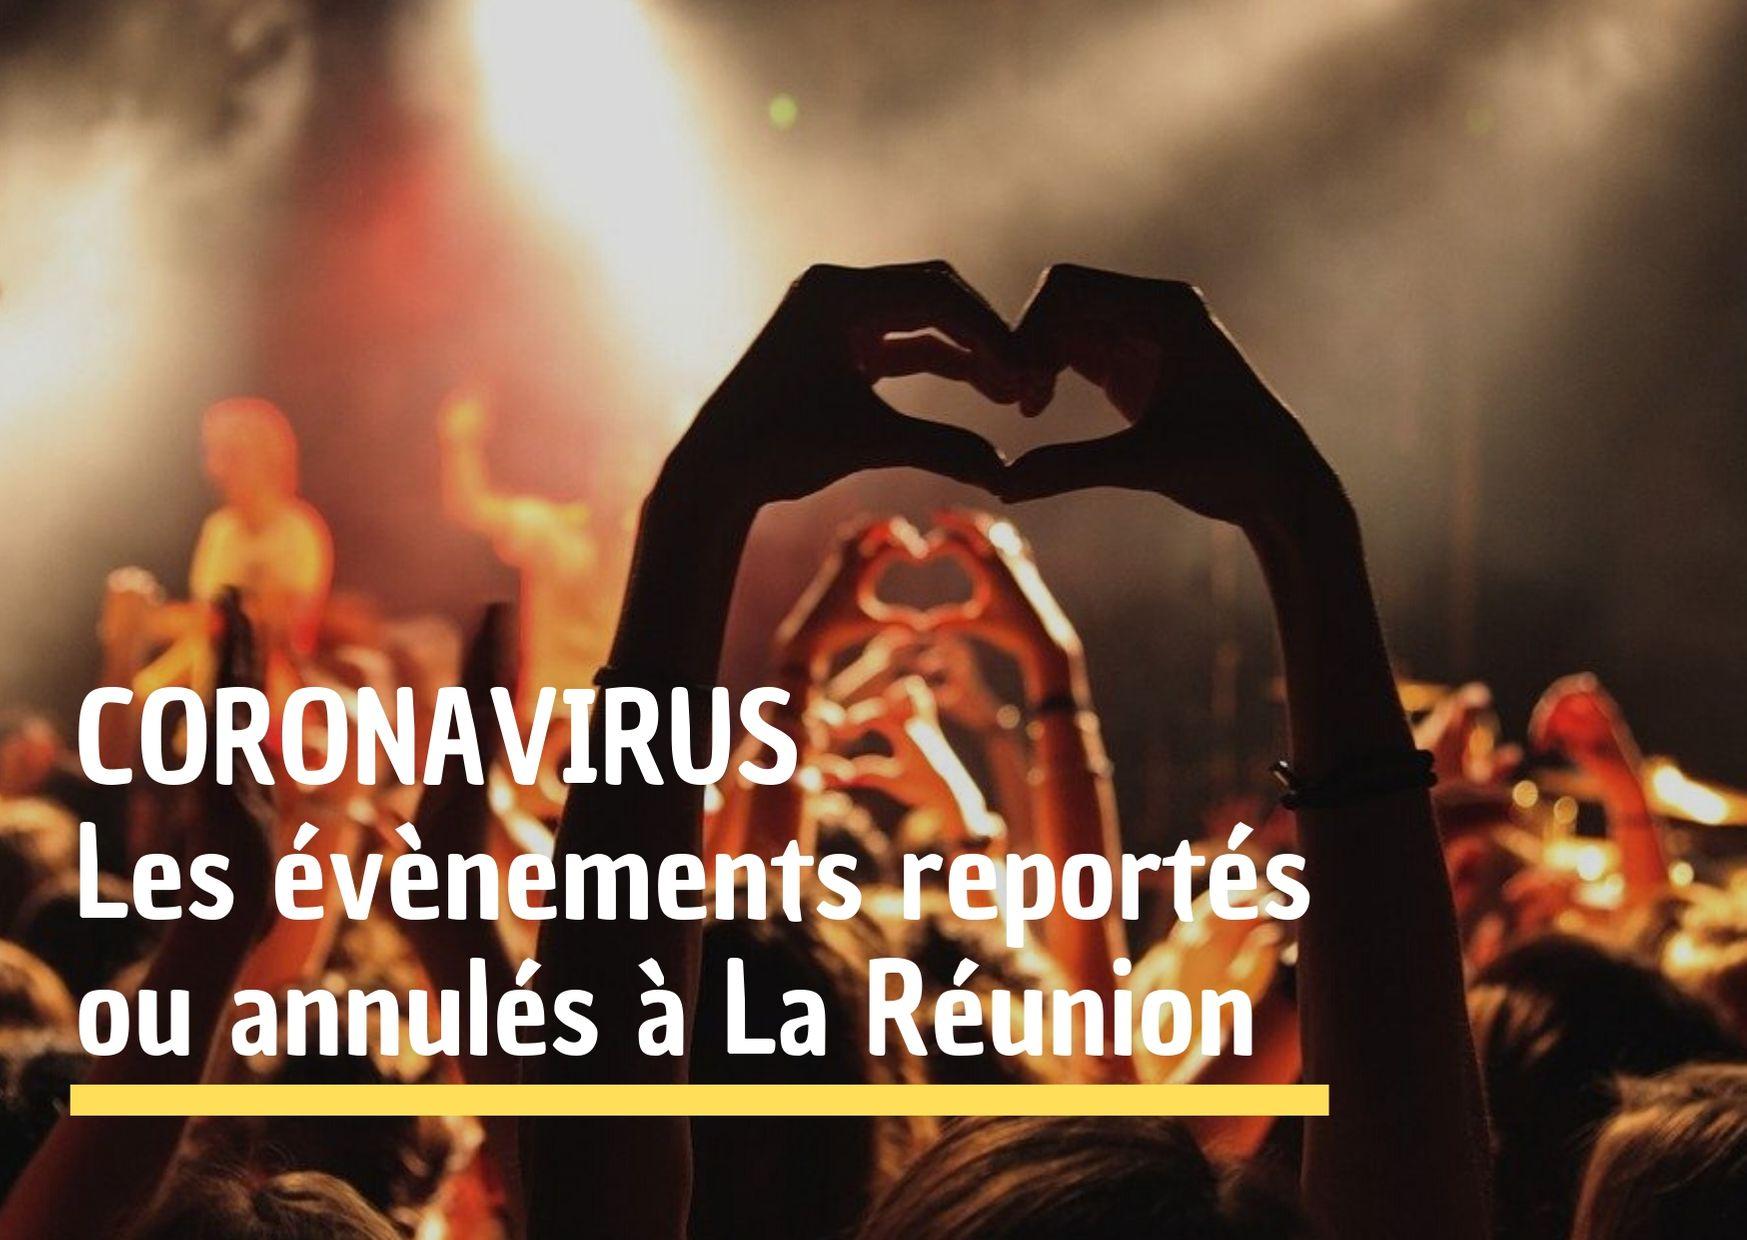 Coronavirus : l'Agenda des évènements reportés ou annulés à La Réunion